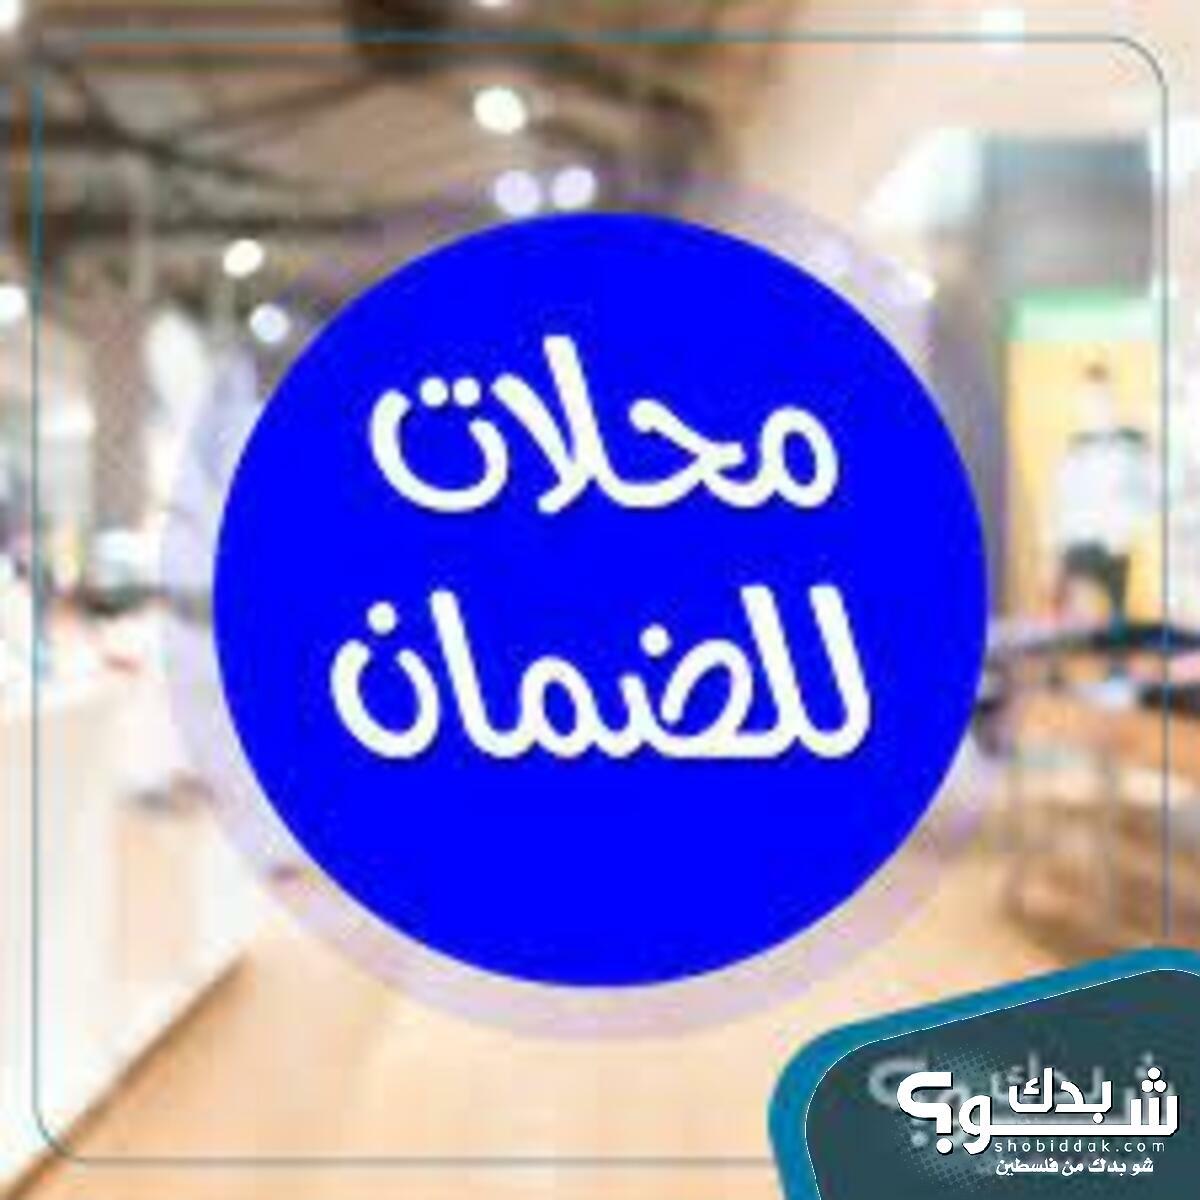 محلات بساحات مختلفه في رام الله عين مصباح الشارع الرئيسي